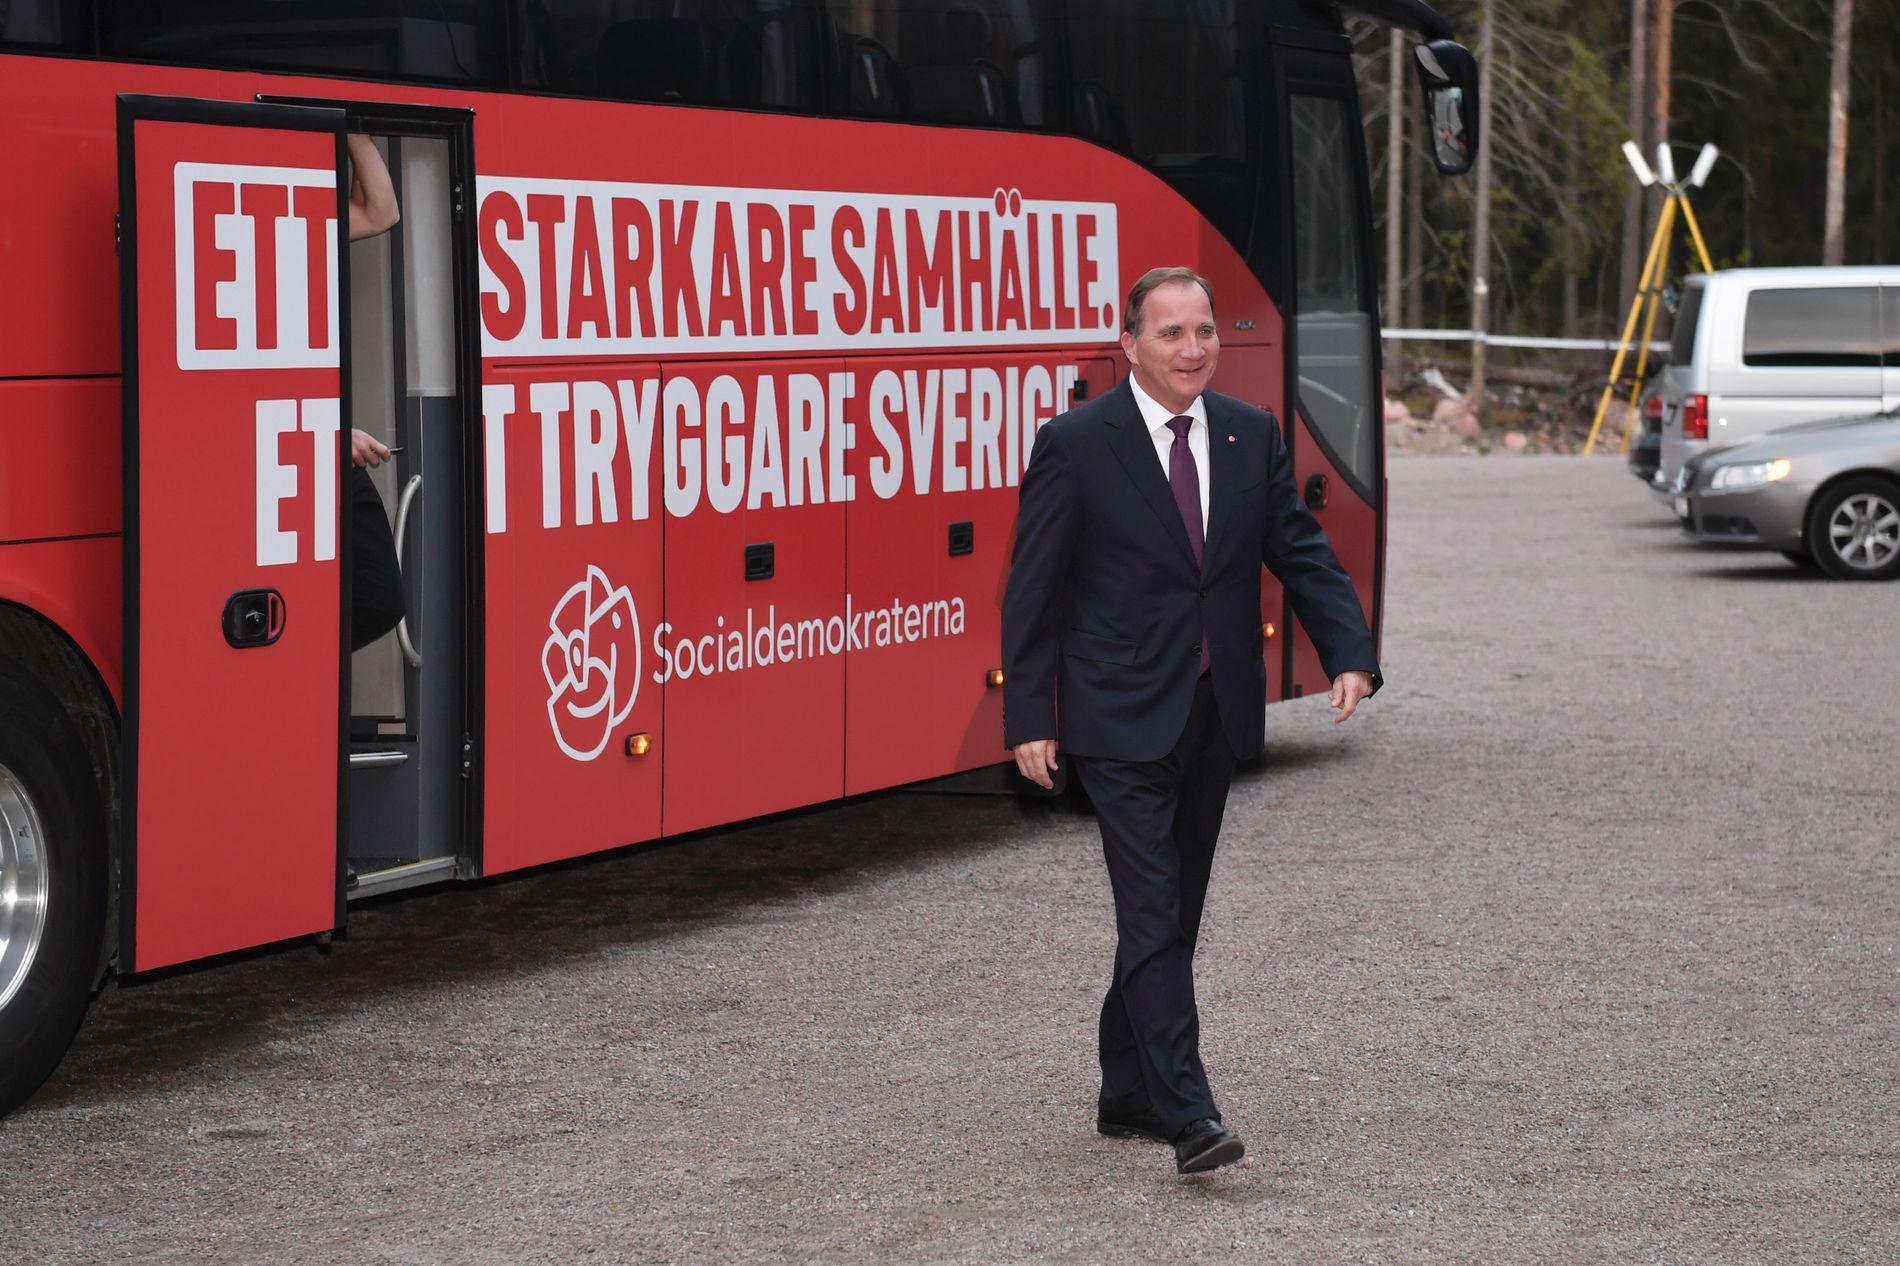 INN I RINGEN: VG møtte Sveriges statsminister Stefan Löfven før torsdagens partilederdebatt i Gävle.